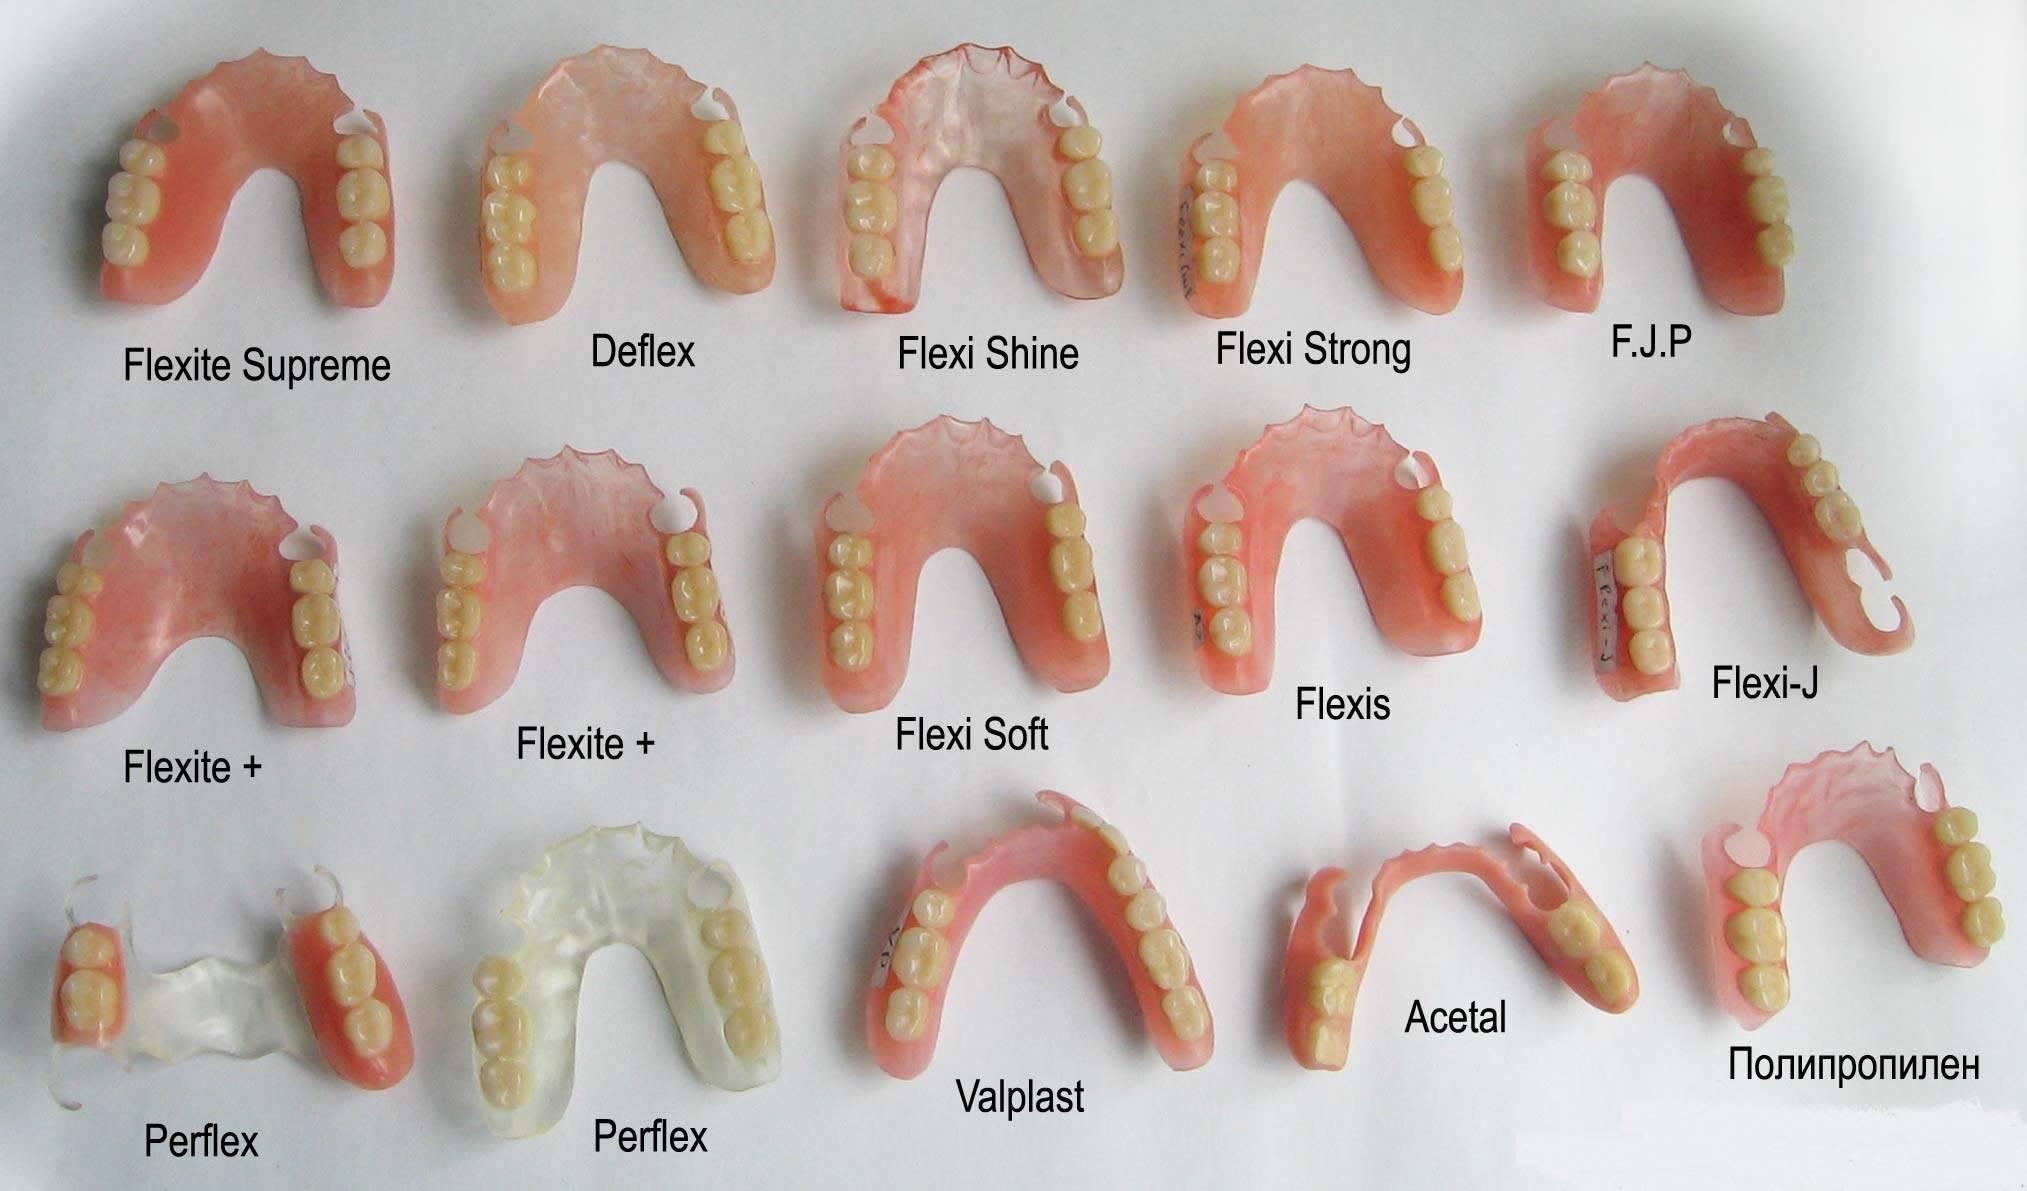 Протезирование молочных зубов: причины выполнения процедуры и варианты конструкций